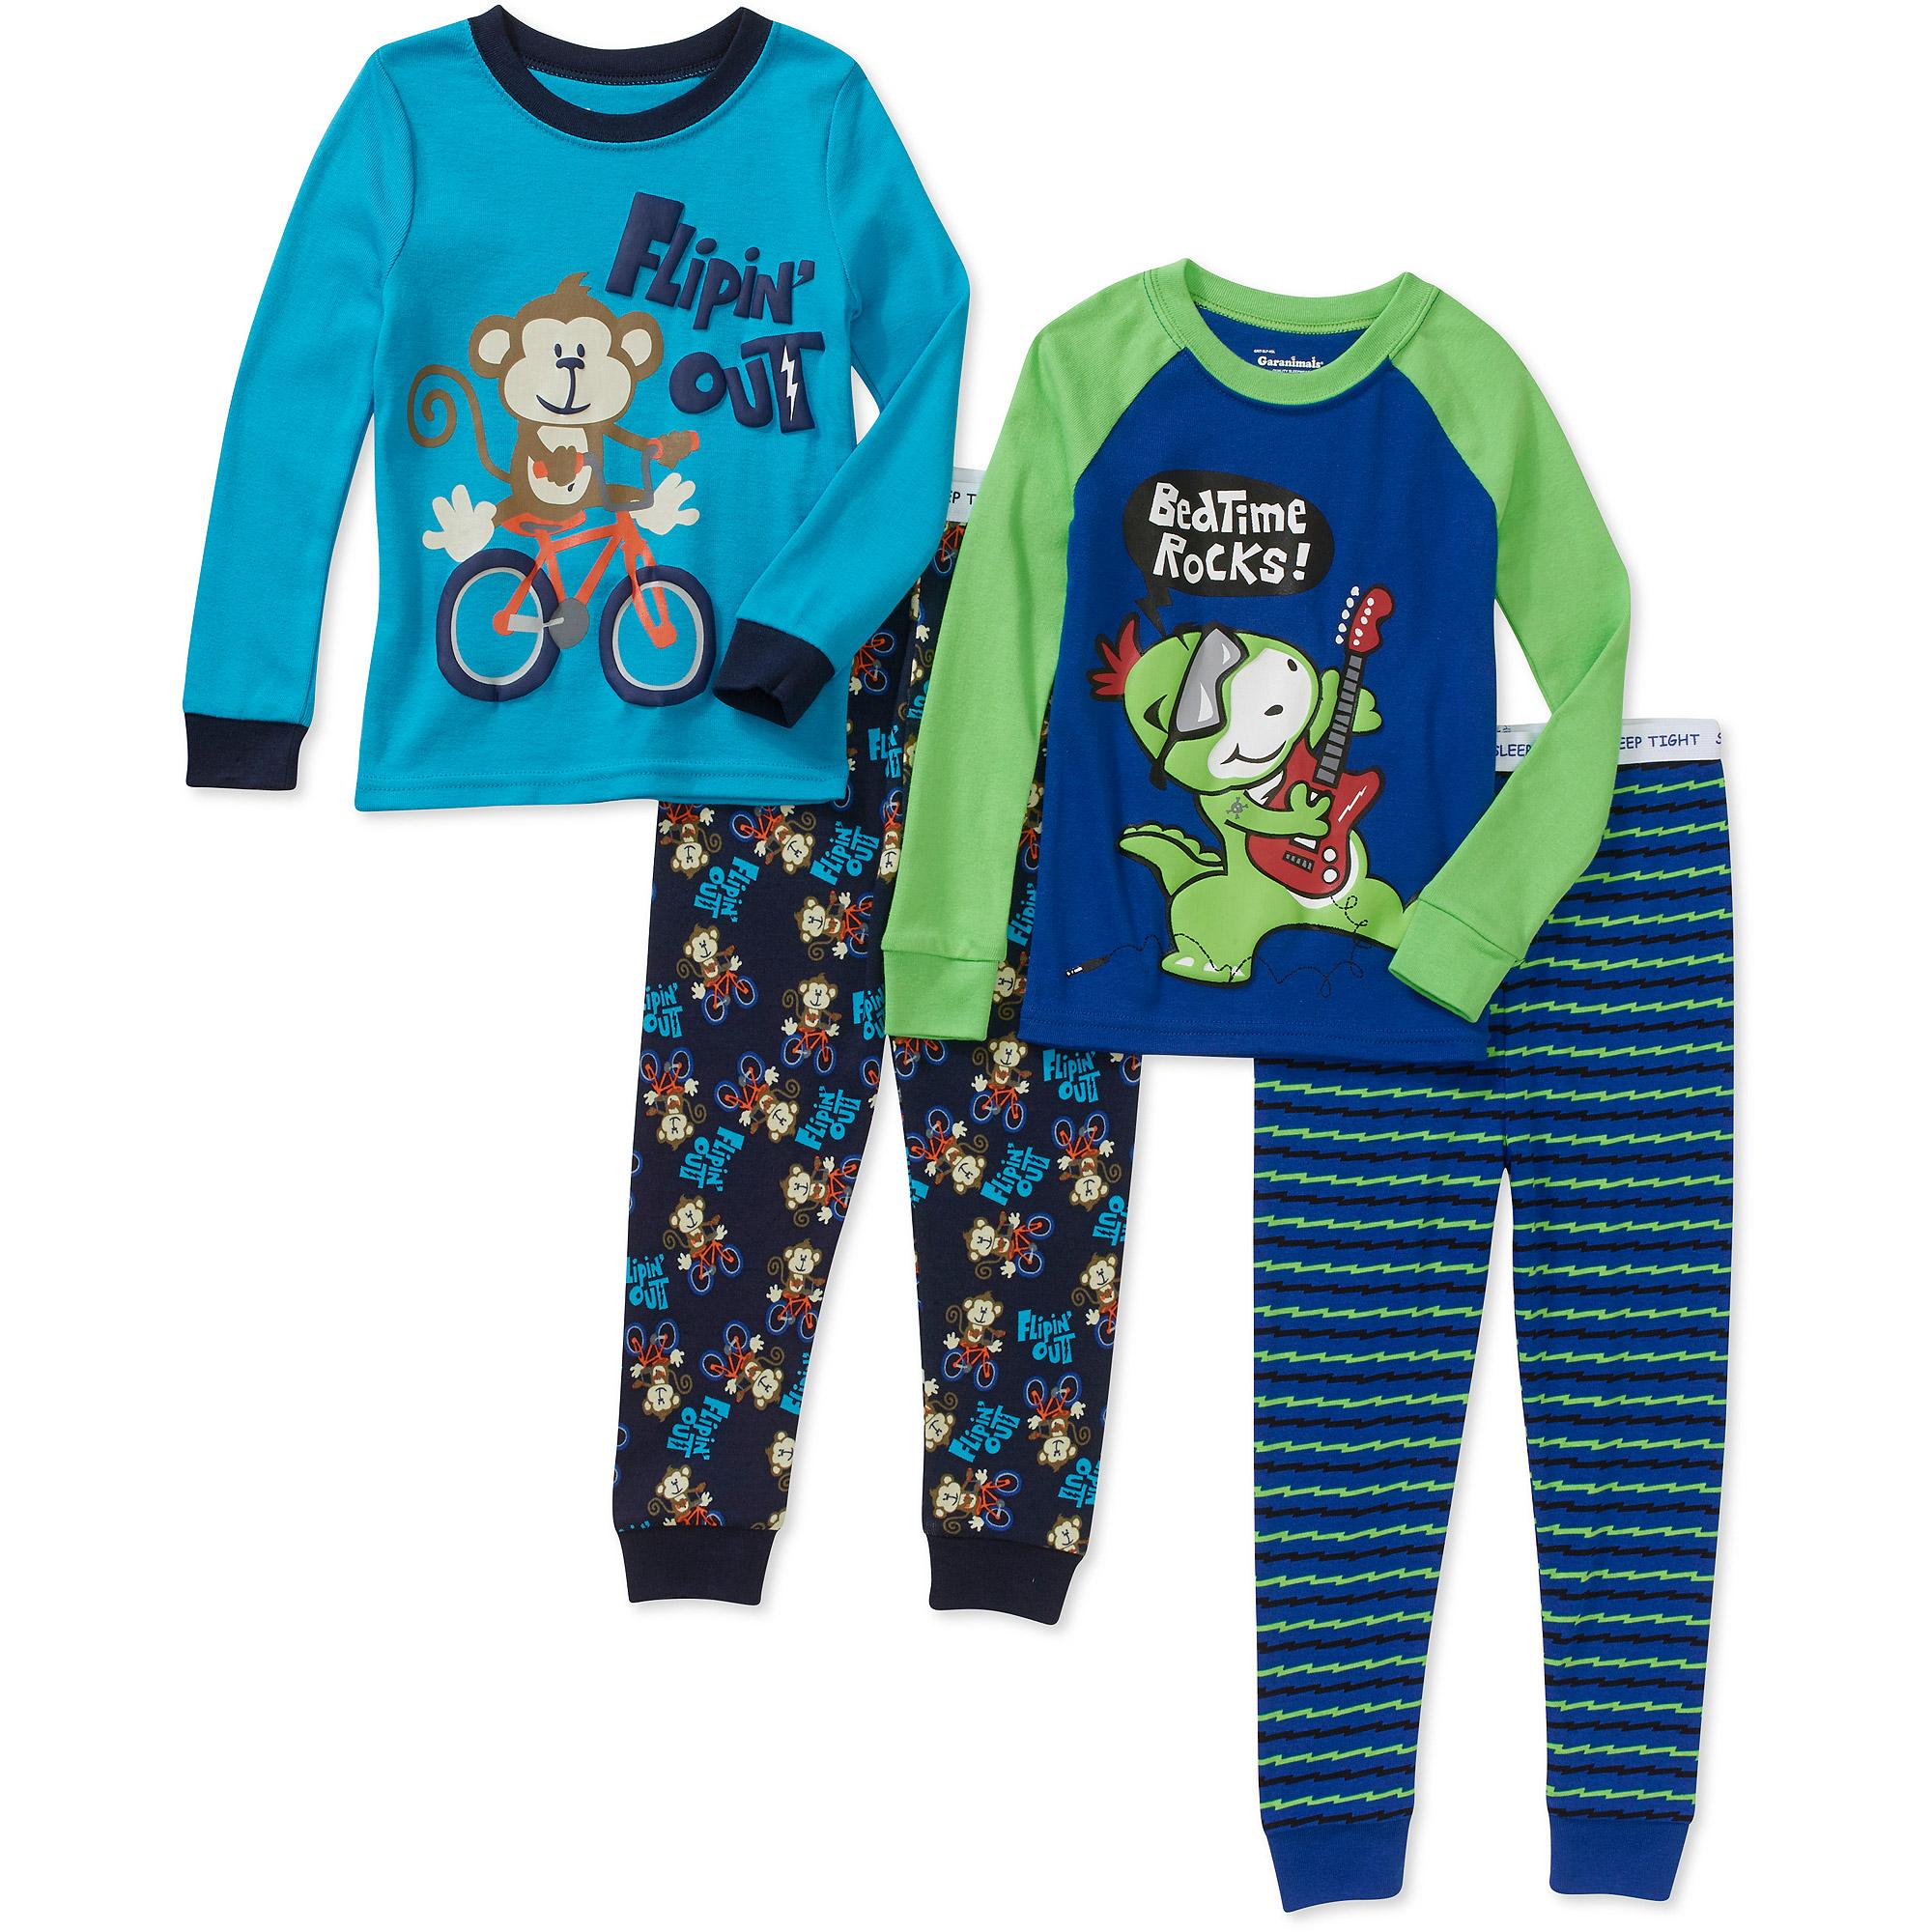 Garanimals Baby Toddler Boy Cotton Tight Fit Pajamas, 2 Sets